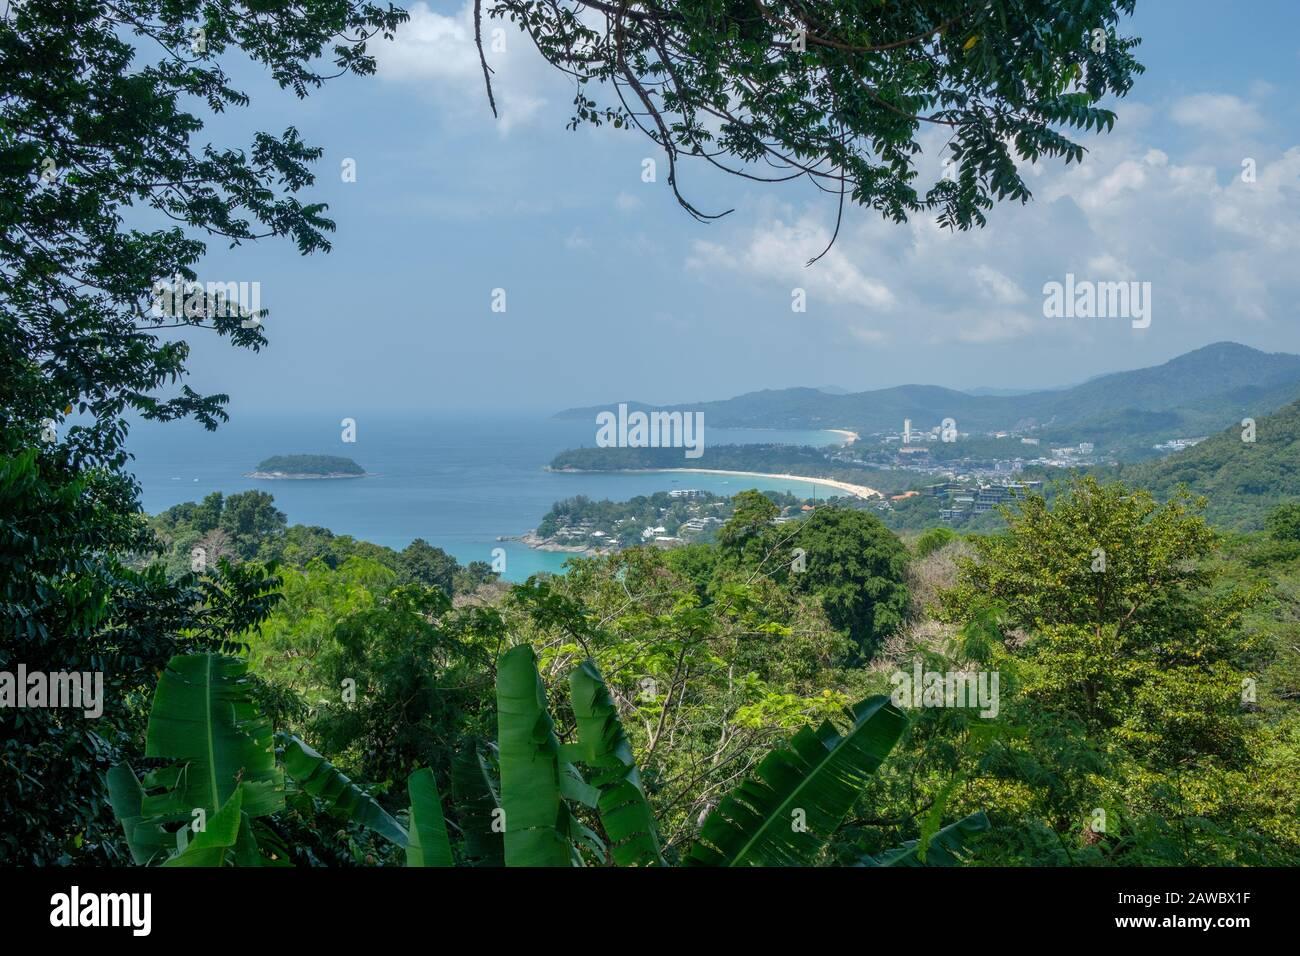 Vista aérea de Phuket contra Karon y Patong. Phuket es una isla grande y un destino turístico popular en el sur de Tailandia. Foto de stock